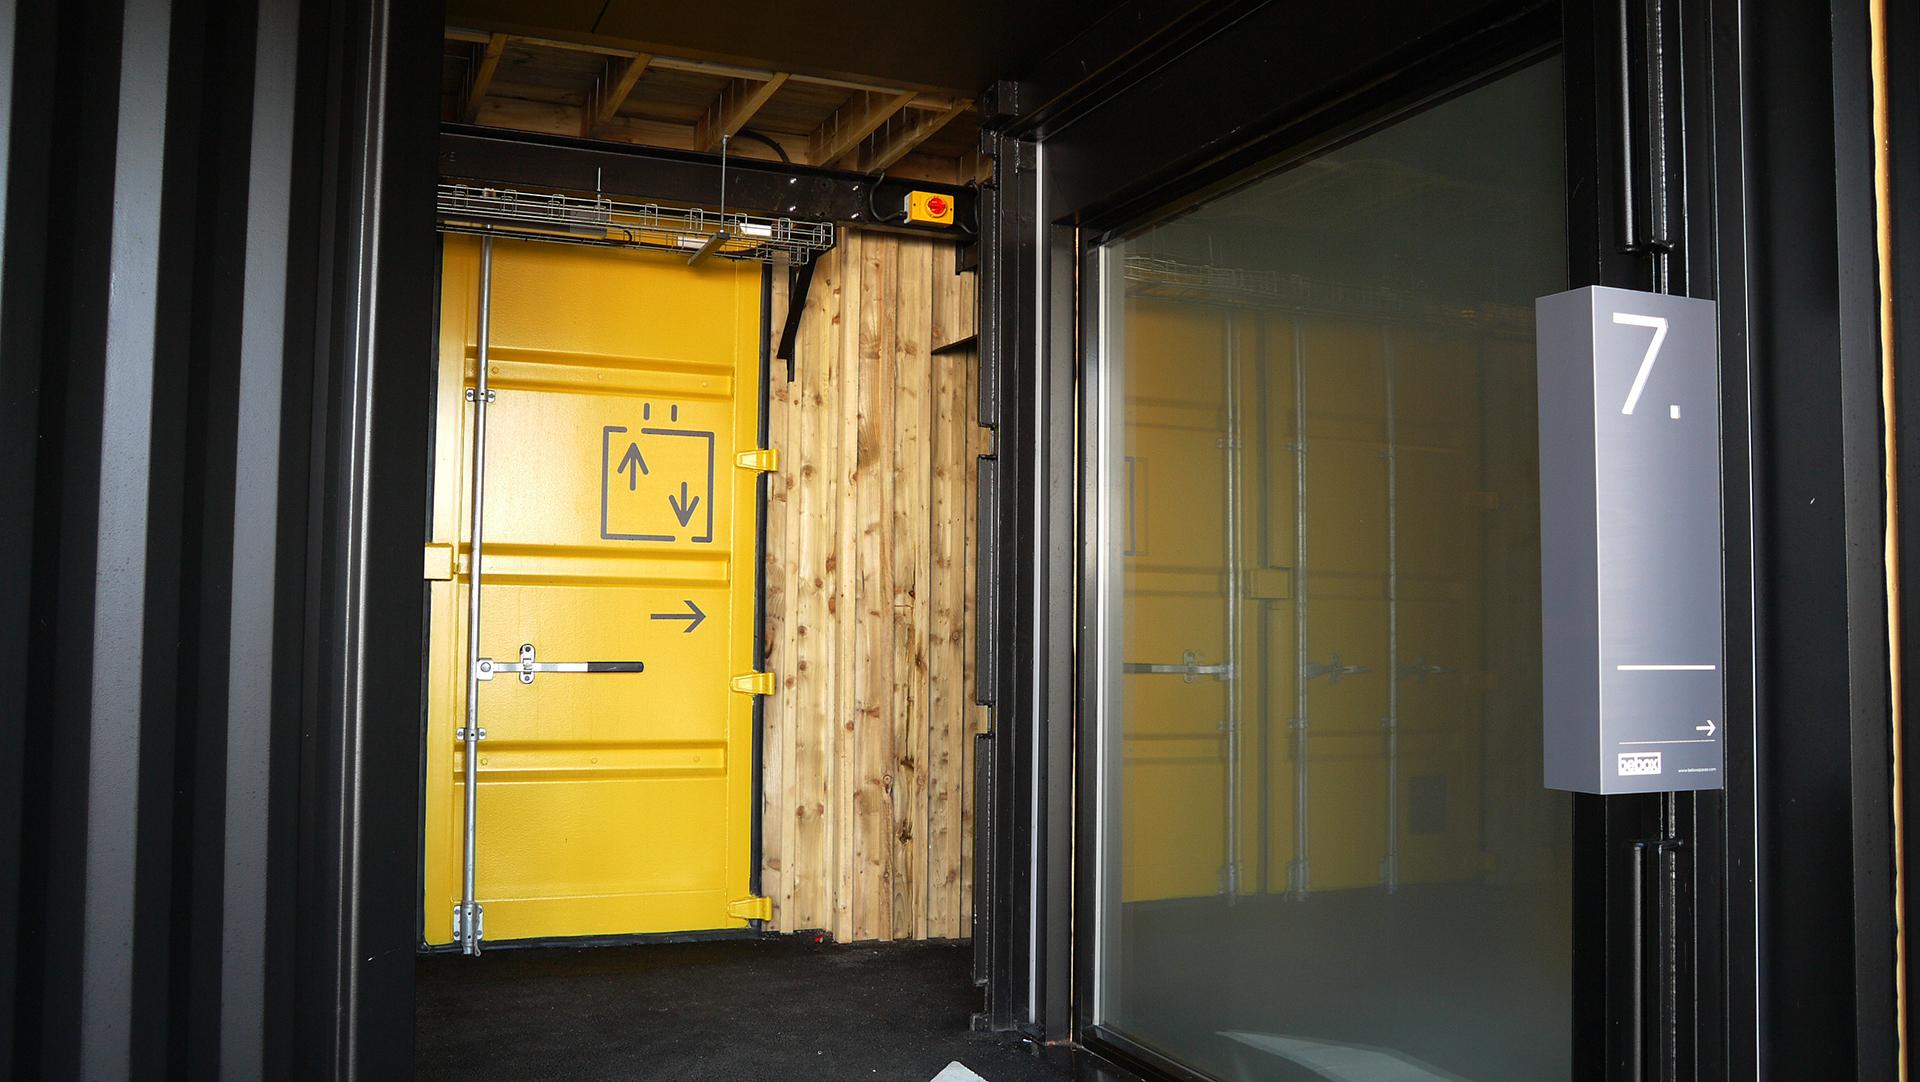 Bebox exterior doors